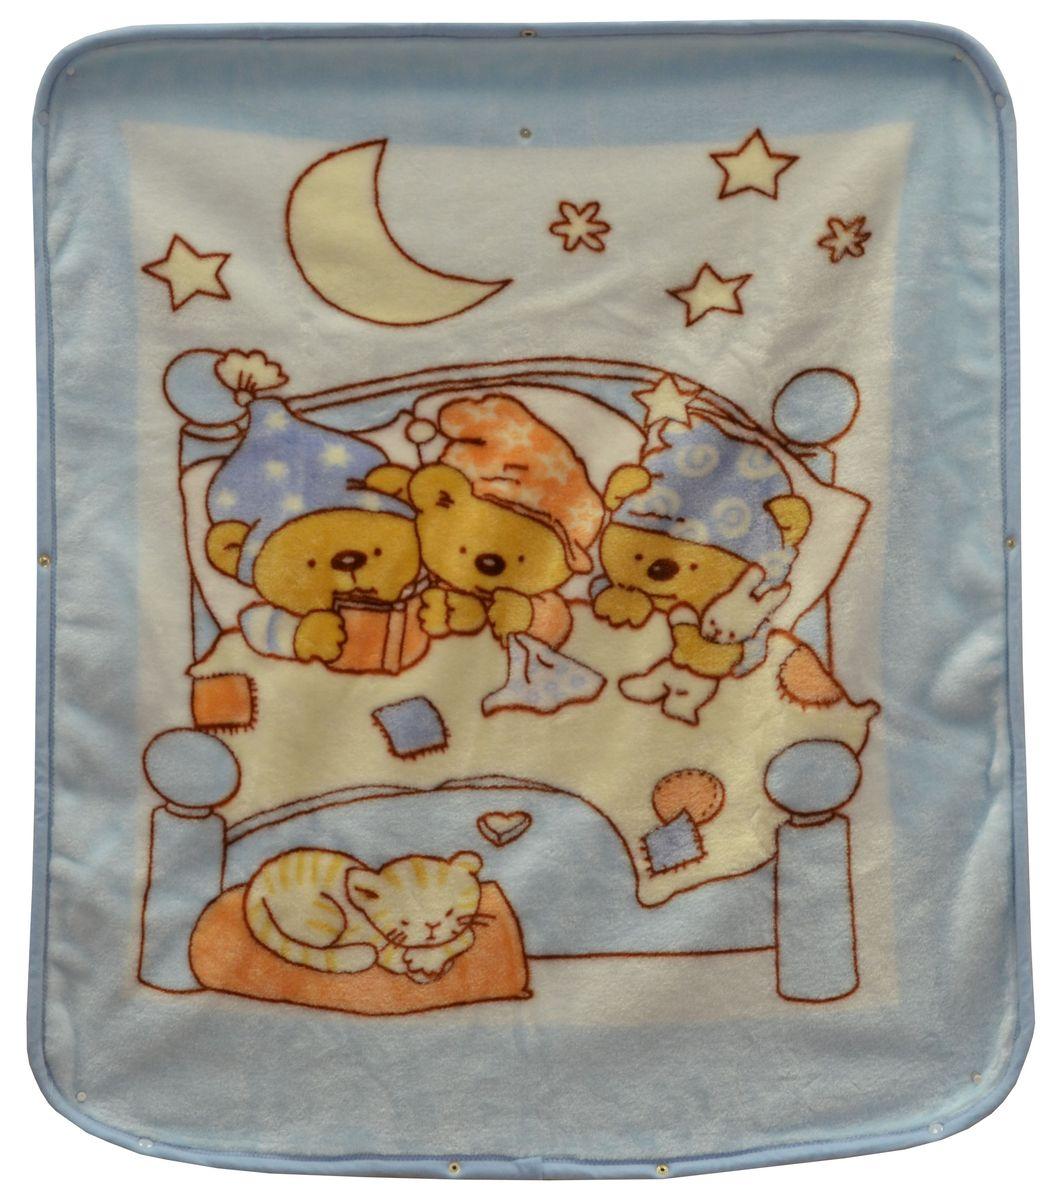 Bonne Fee Плед-накидка для младенцев на молнии 2, 80 х 90 см, цвет: голубойОНДК/300-гол2Плед-накидка для младенцев на молнии Bonne Fee - защита, тепло и комфорт для малышей - использован надёжный, качественный и мягкий материал! Удобство и спокойствие для родителей обеспечивается универсальностью пледа-накидки, конструкция которого позволяет ему легко превращаться в конвертик. Отличное качество и практичность! Любите своего ребёнка и дарите ему лучшее!